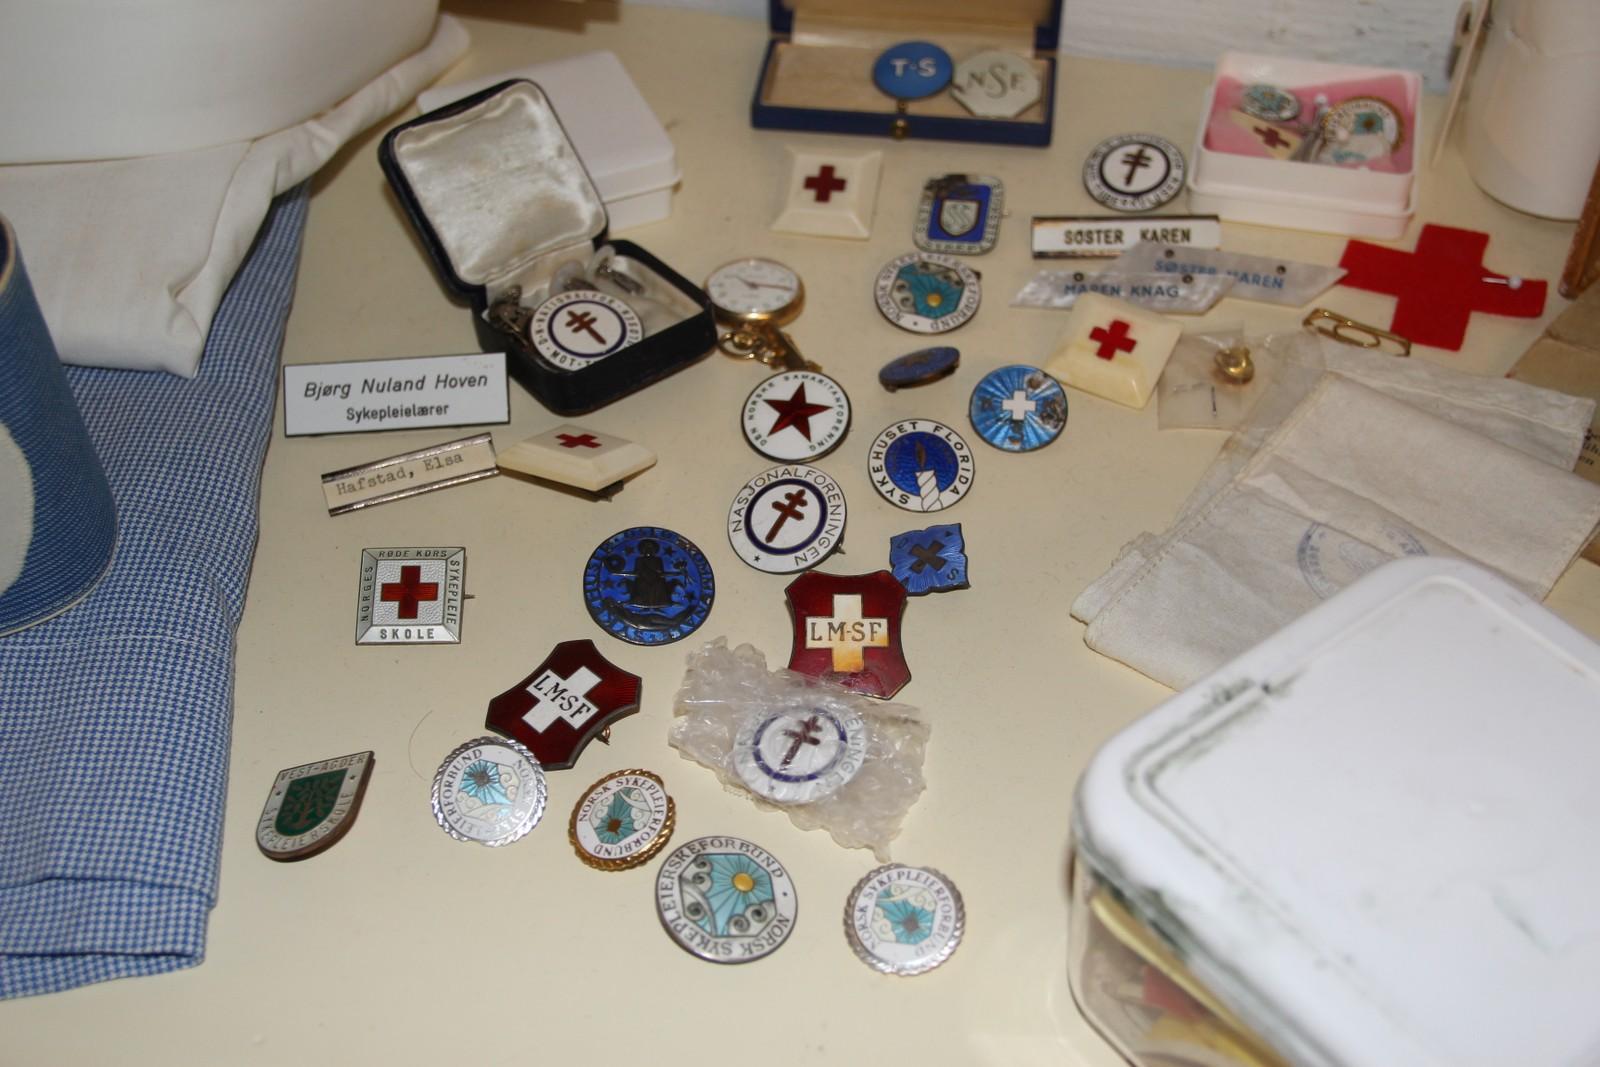 Nåler: Sykepleierne kunne samle forskjellige nåler. Hvert sykehus hadde sin egen nål. Noen av nålene her er fra Røde kors sykepleierskole, Vest-Agder sykepleierskole og norsk sykepleierforbund